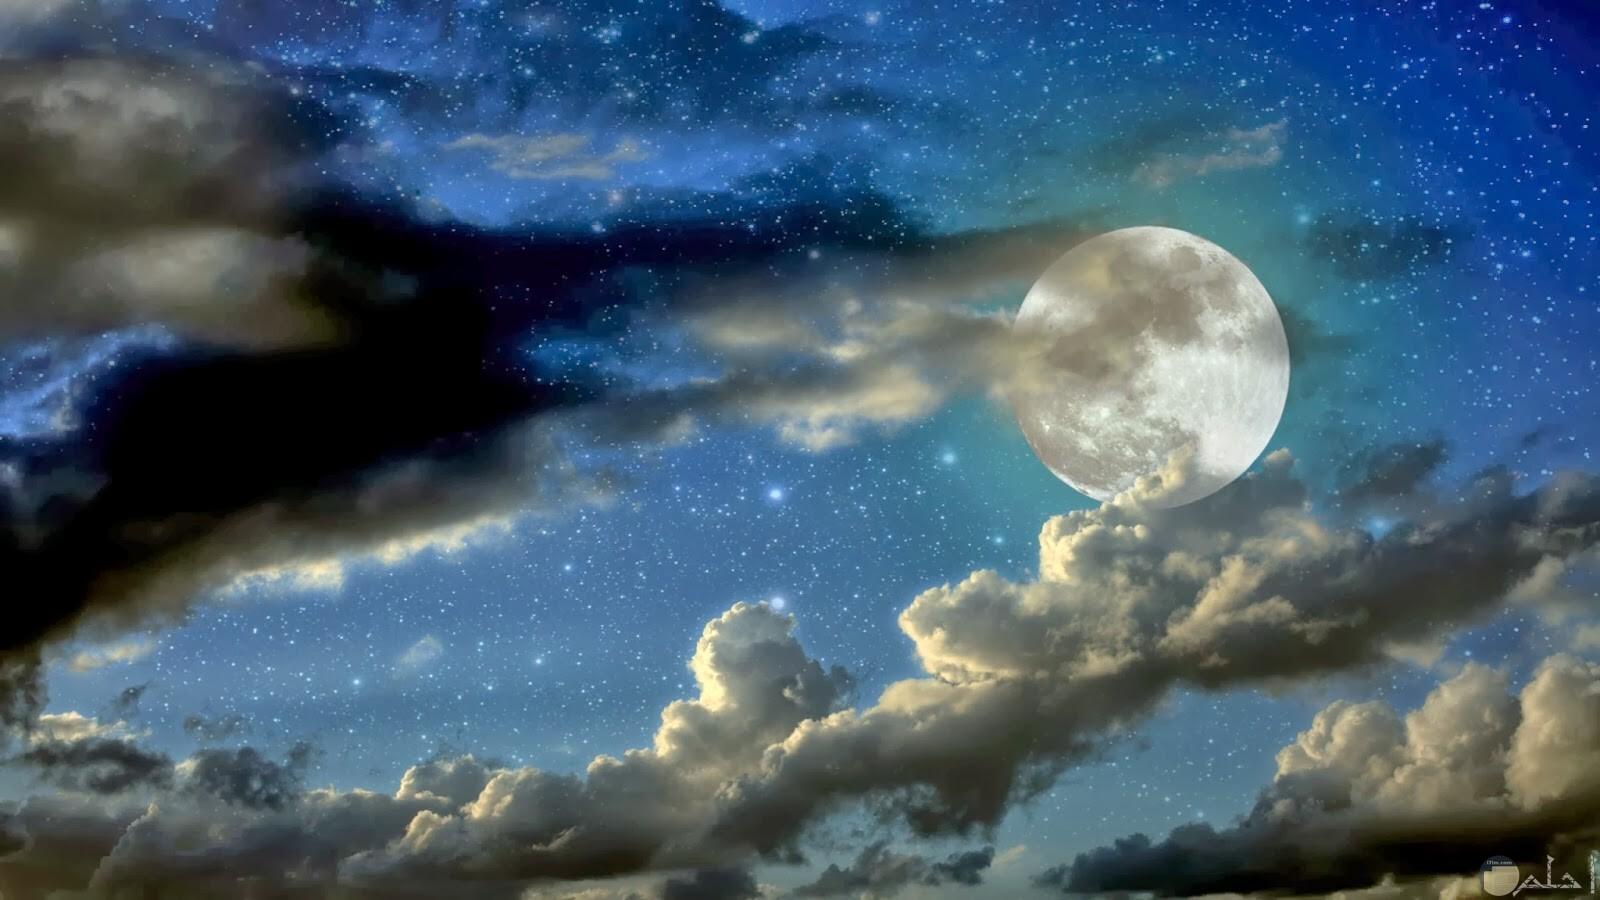 صورة حلوة للقمر وسط السحاب.